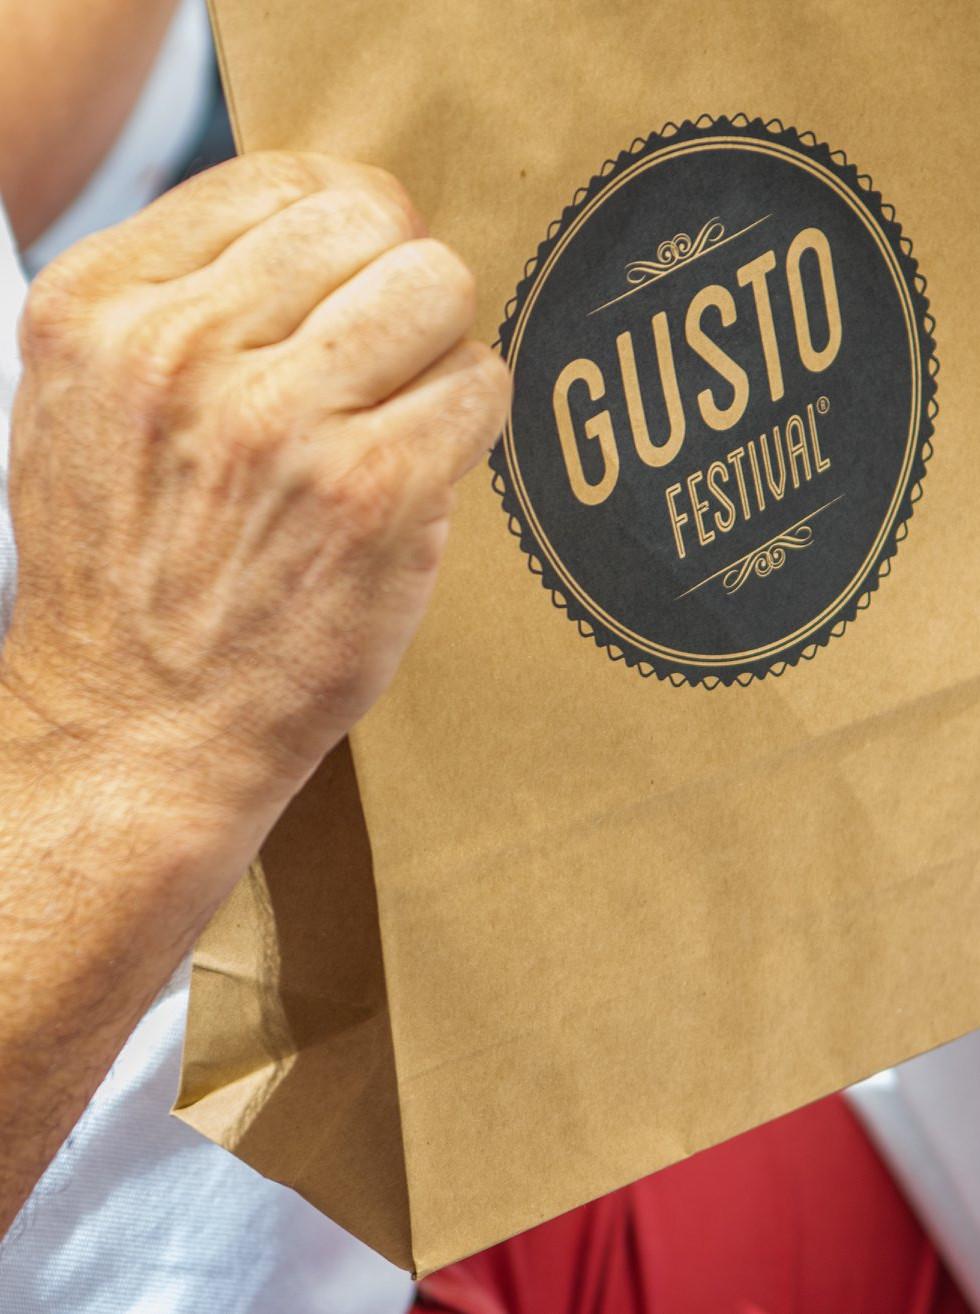 Gustofestival Route Gourmande.jpg